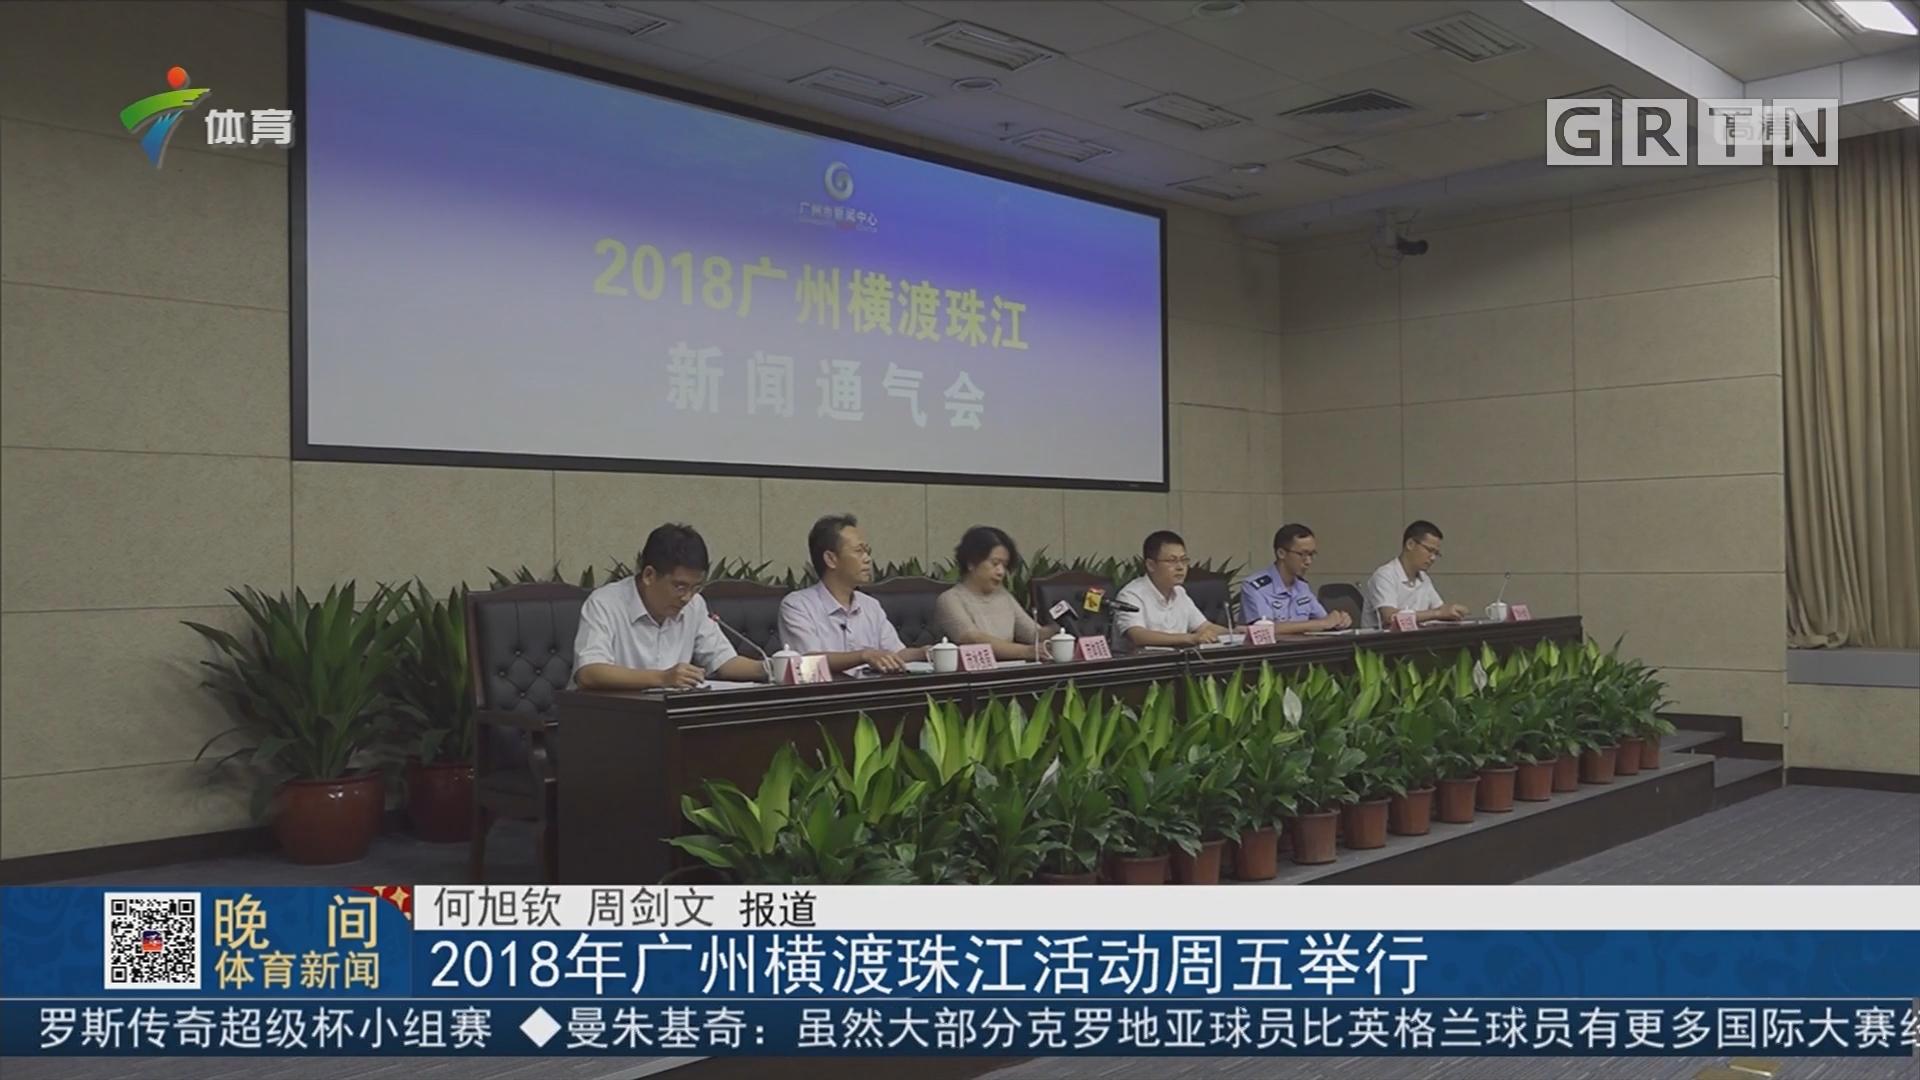 2018年广州横渡珠江活动周五举行